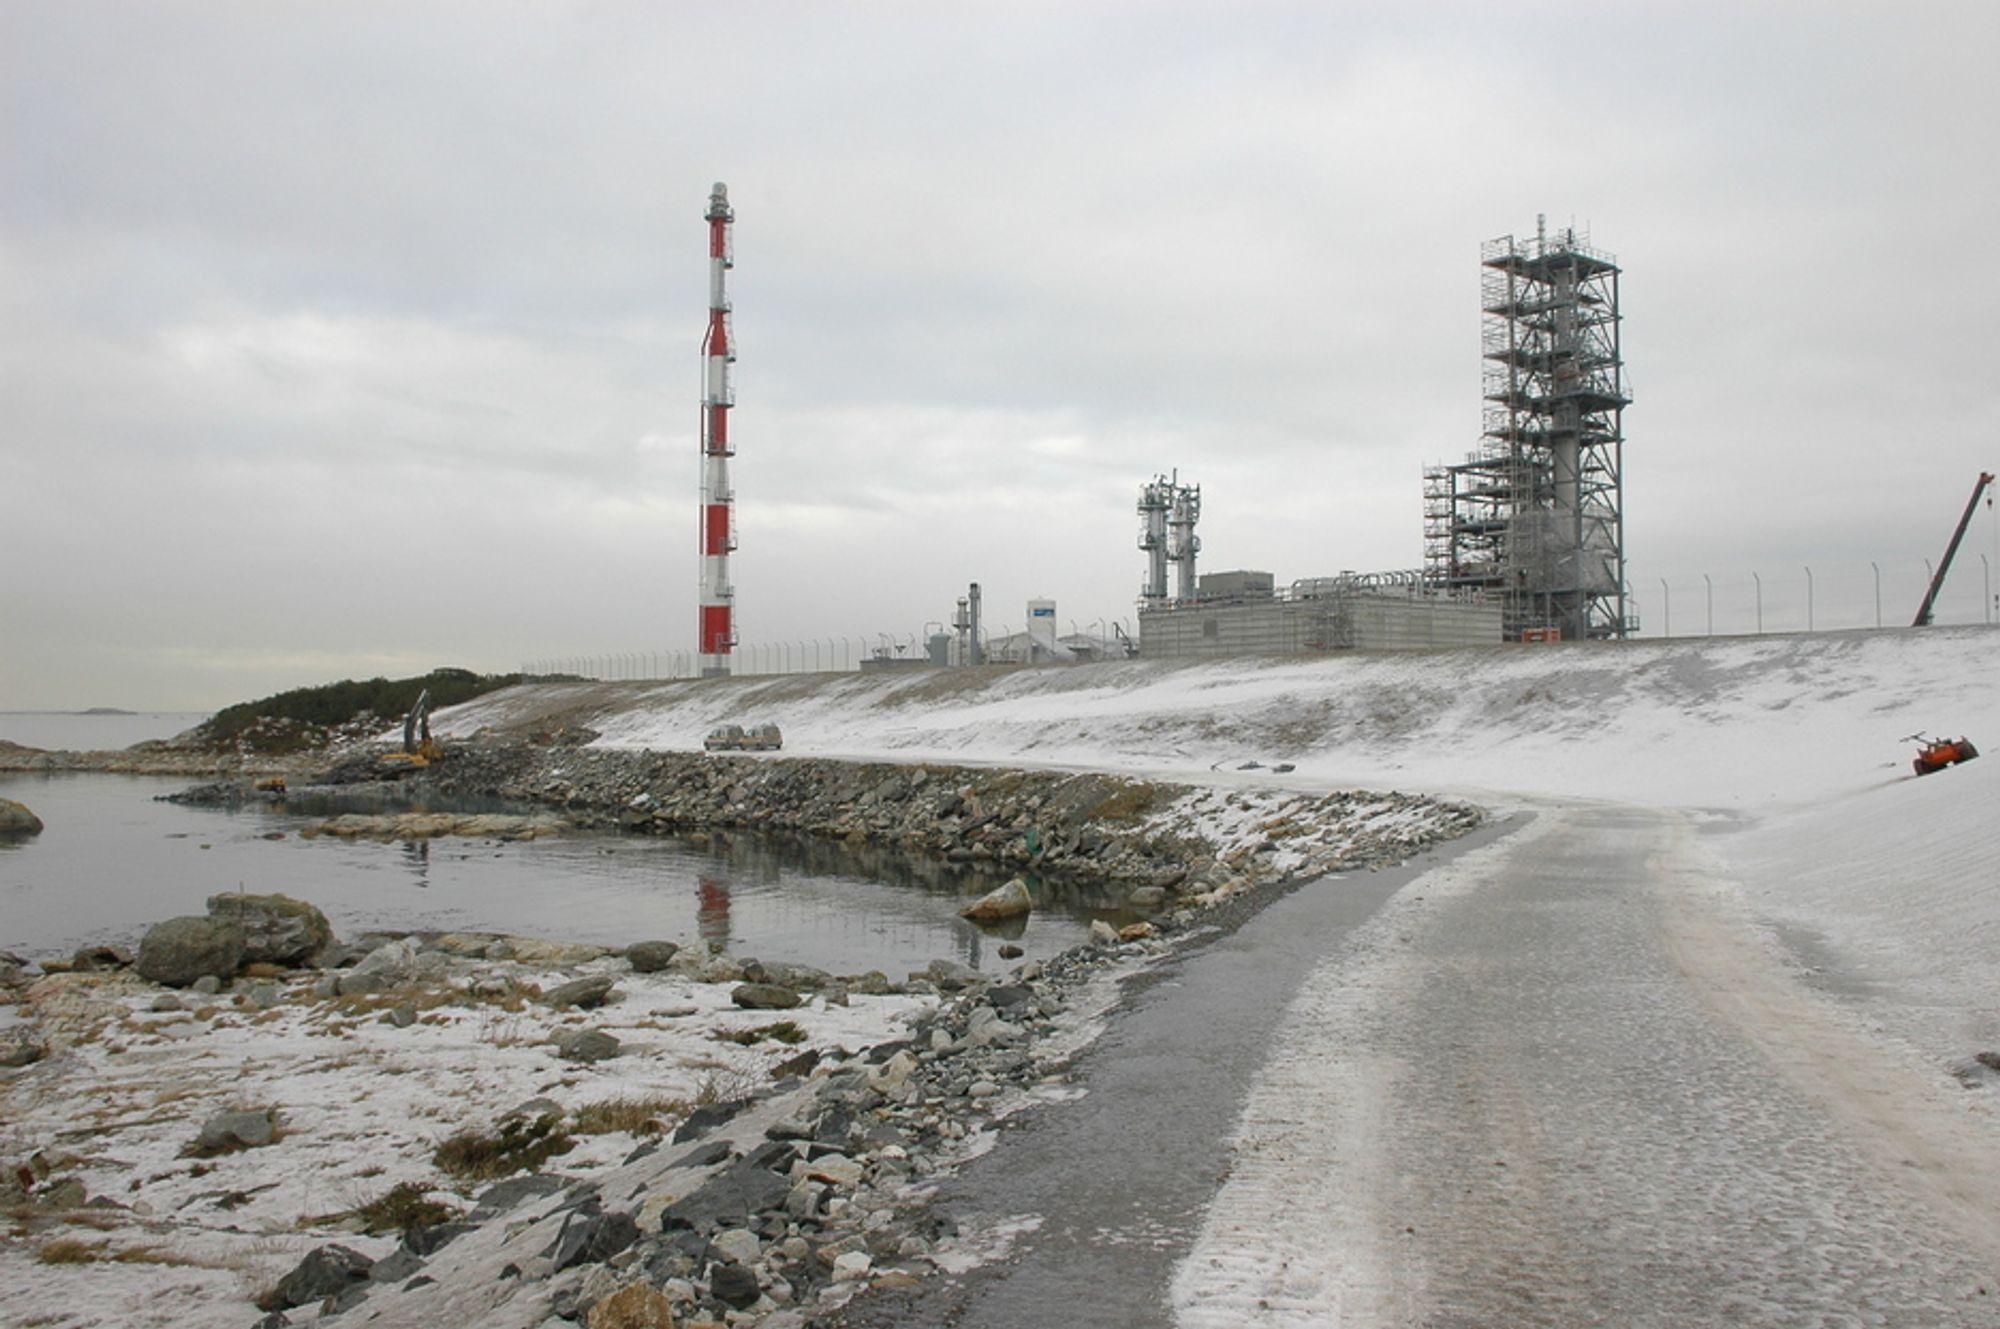 GJENBRUK: Den kunstige vollen som er bygget opp mot sjøen er laget av massene som var under Shell-raffinerinet. Det lages en turvei som går forbi LNG-fabrikken.